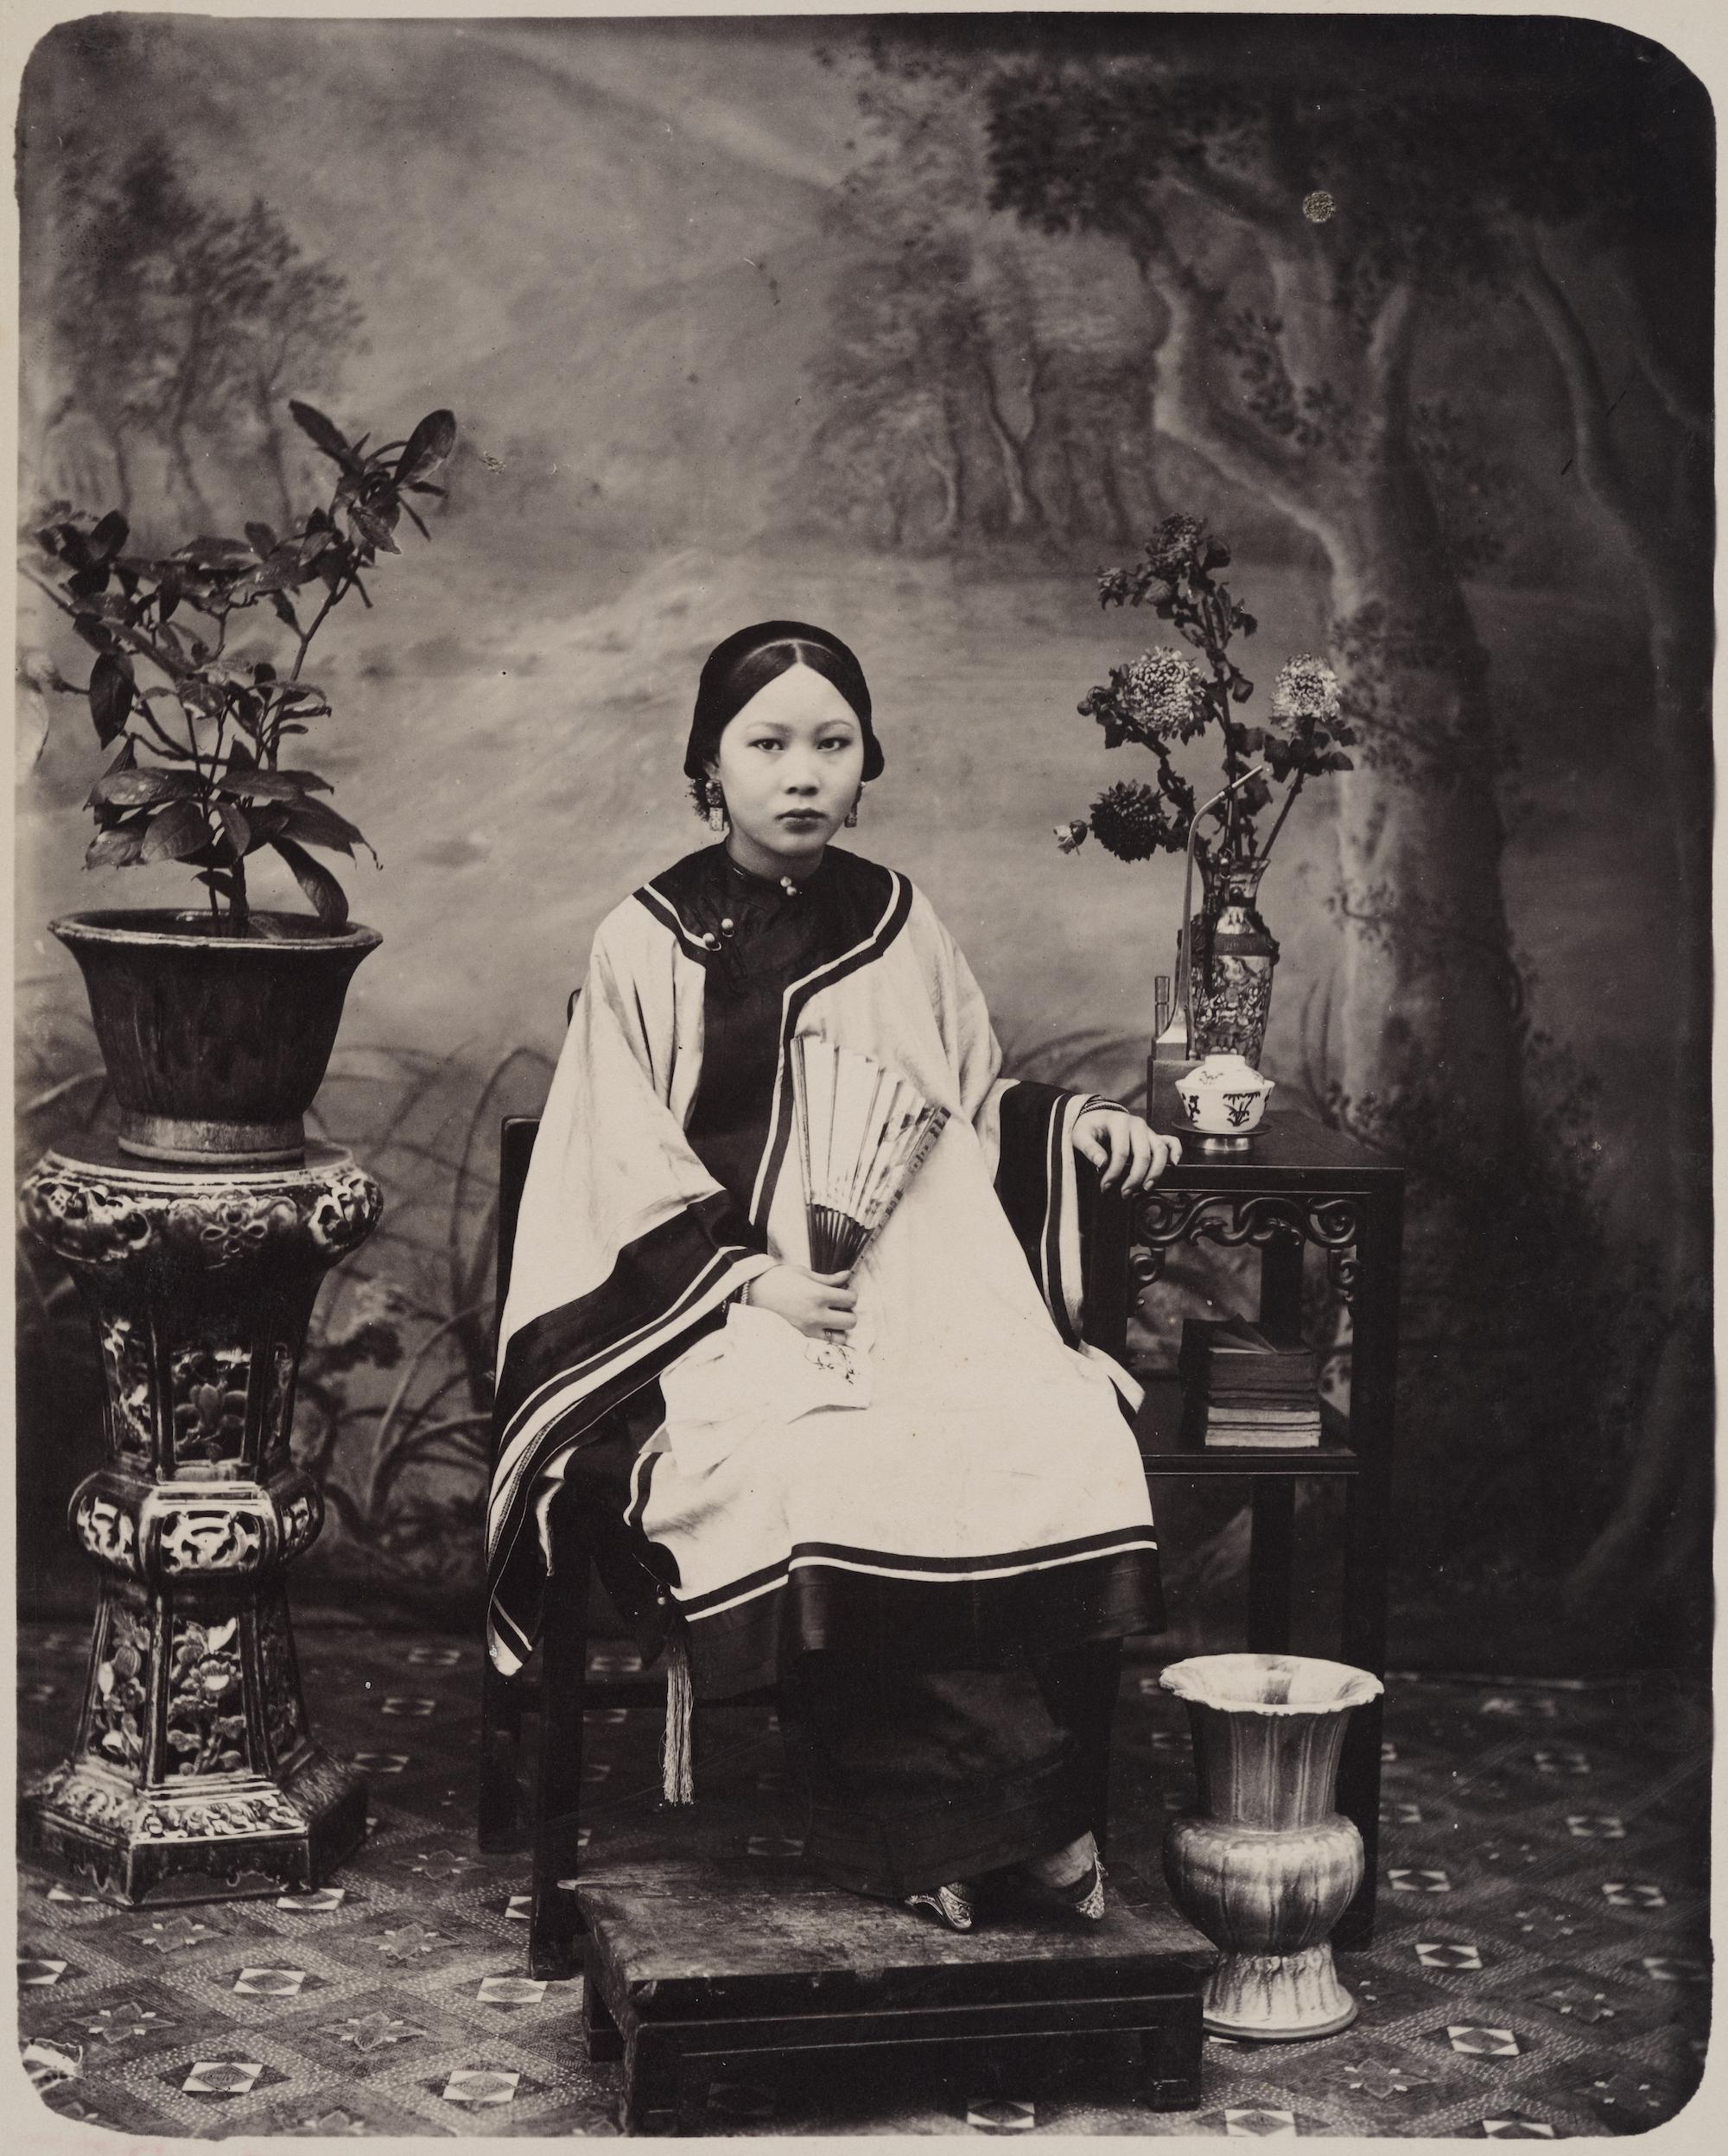 撮影者不詳「若い女性のポートレート」=1860年ごろ/The Loewentheil Collection of China Photography